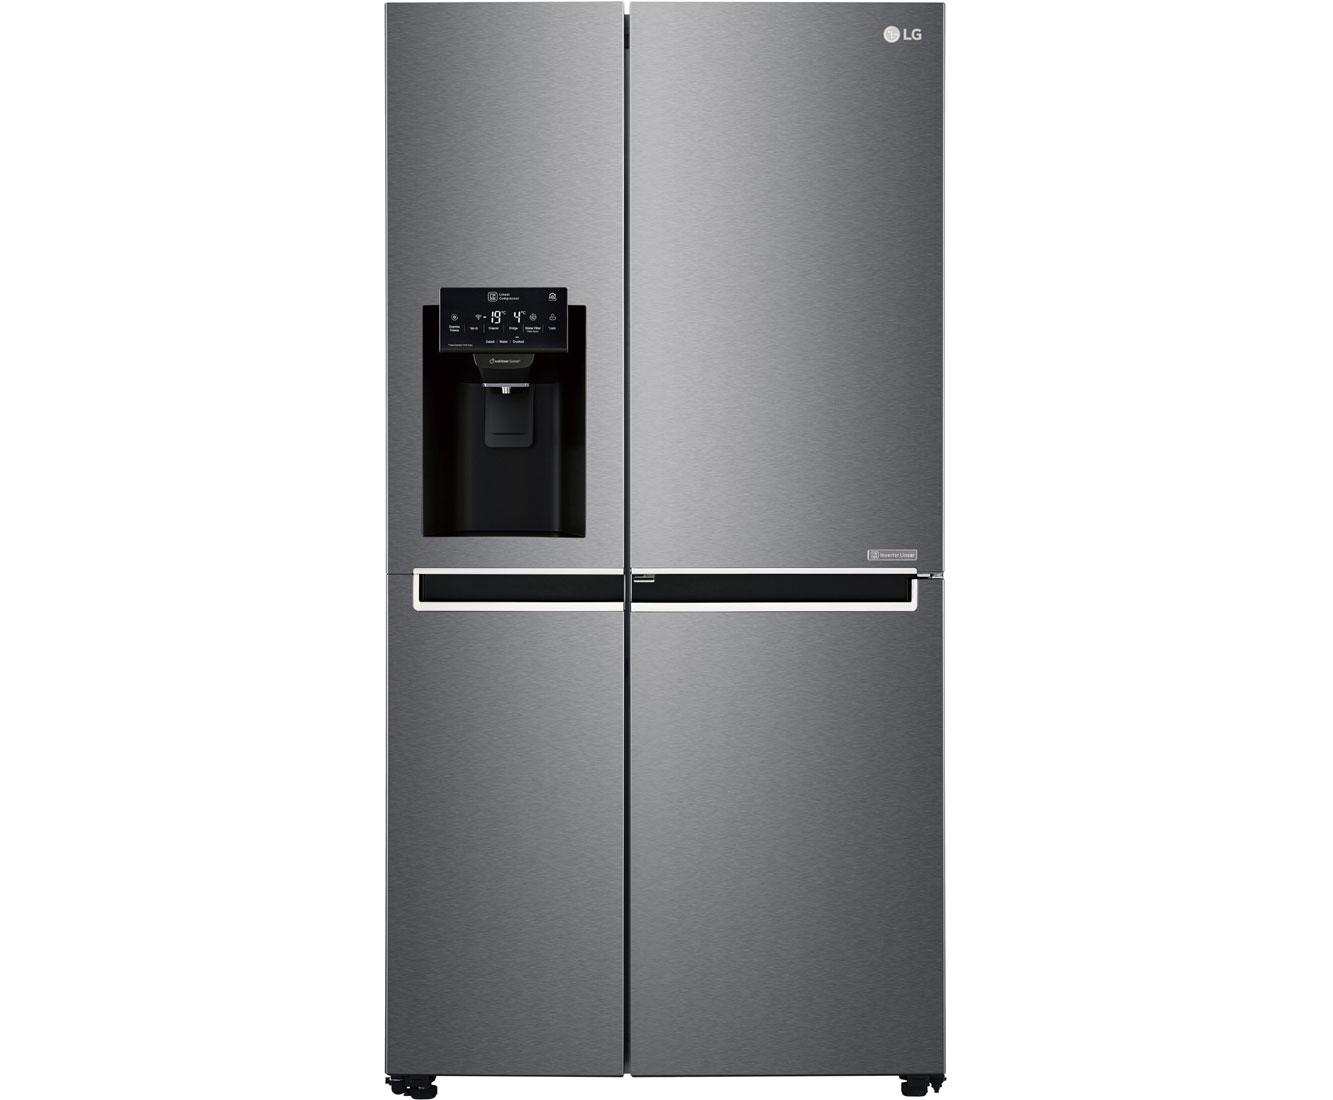 Side By Side Kühlschrank Anschließen : Side by side kühlschrank direkt anschließen: samsung rfg uers xef